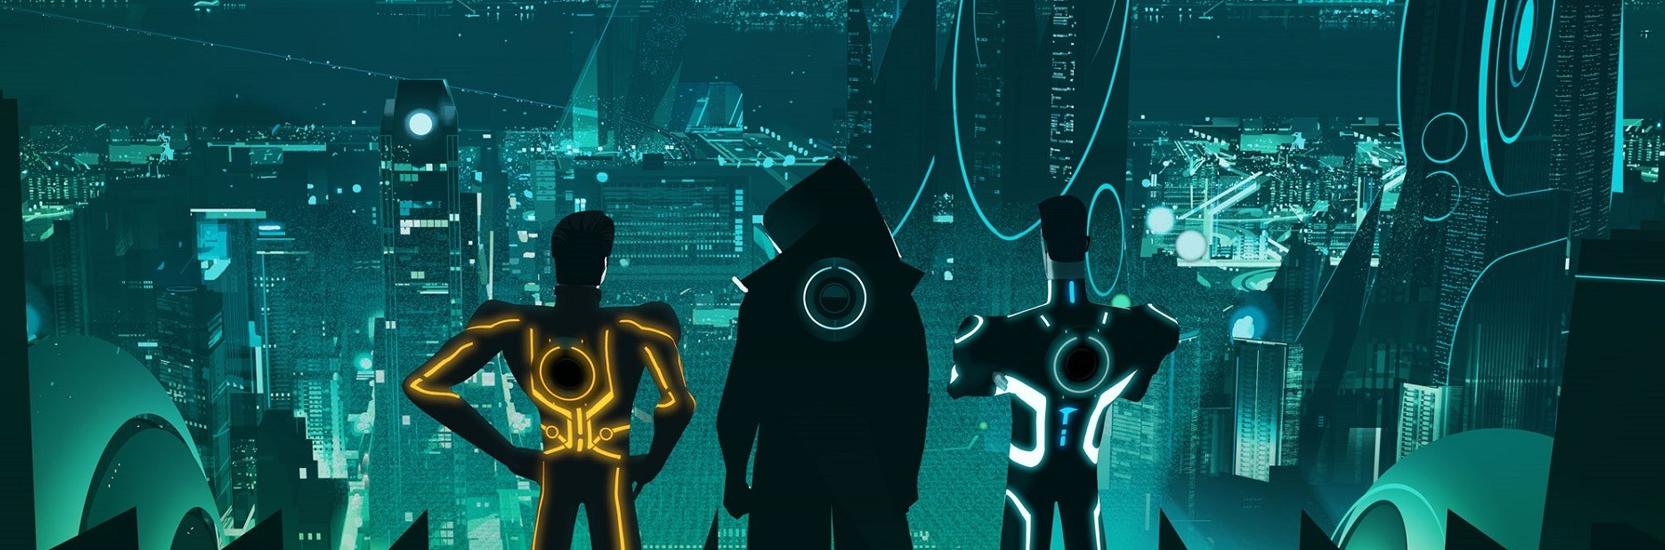 Disney contre-attaque sur le petit écran partie 1 : « Tron Uprising »